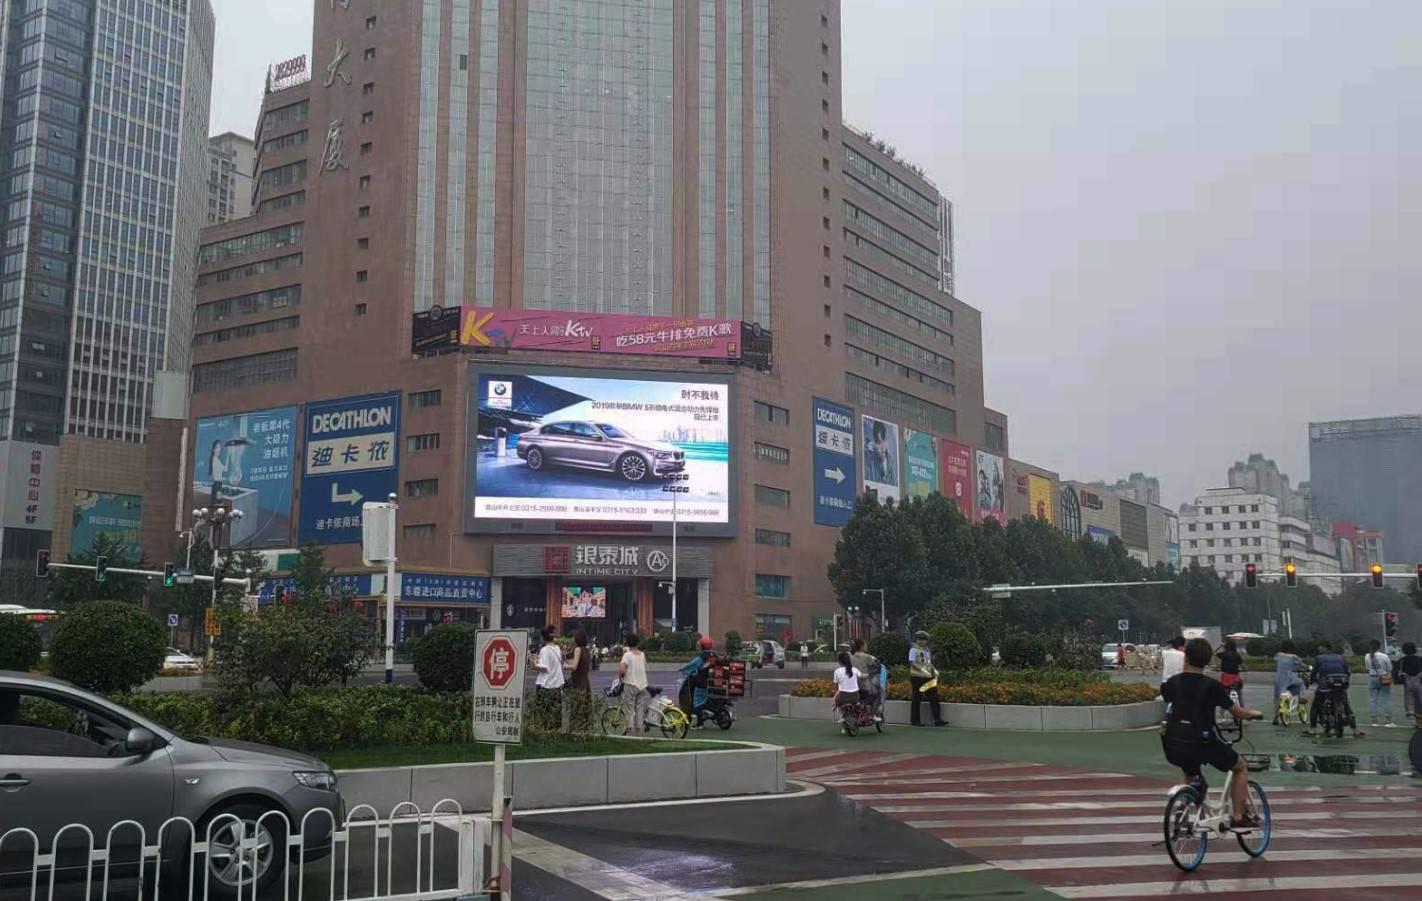 唐山市户外广告_唐山世博广场银泰城LED大屏广告